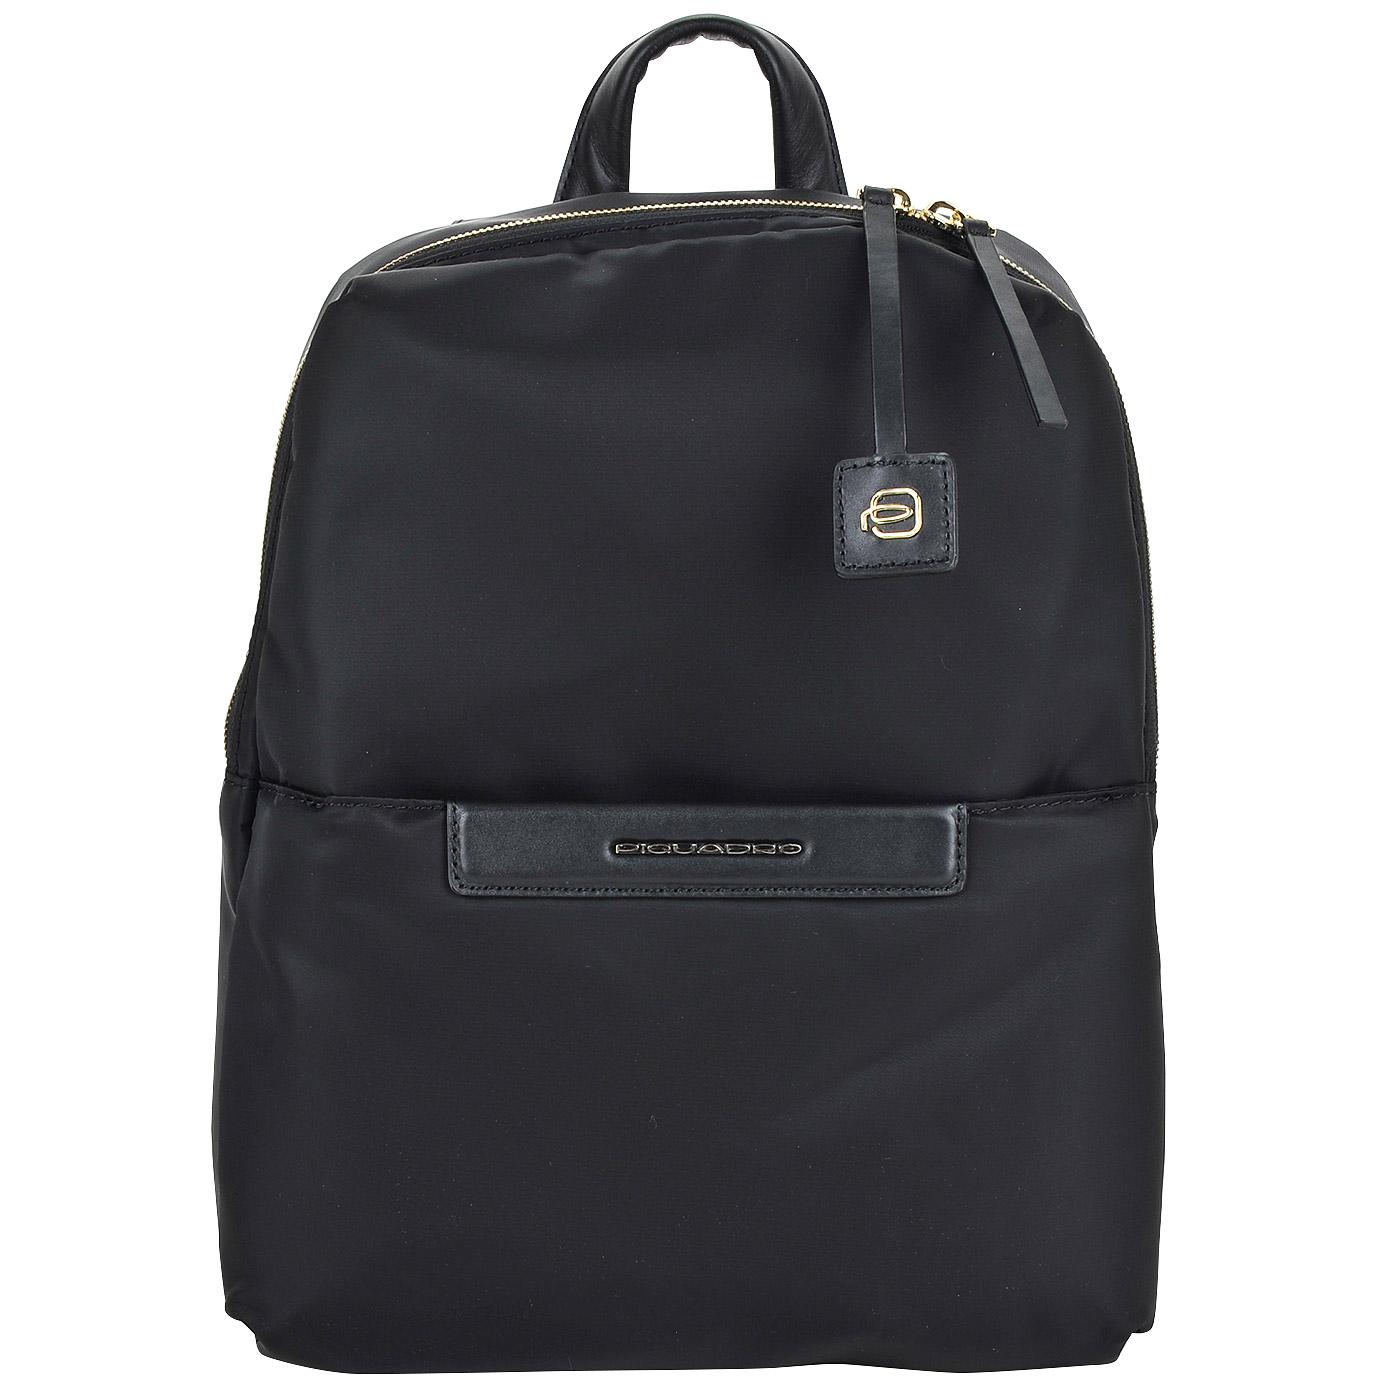 Женский рюкзак текстиль спб купить в симферополе рюкзак deuter